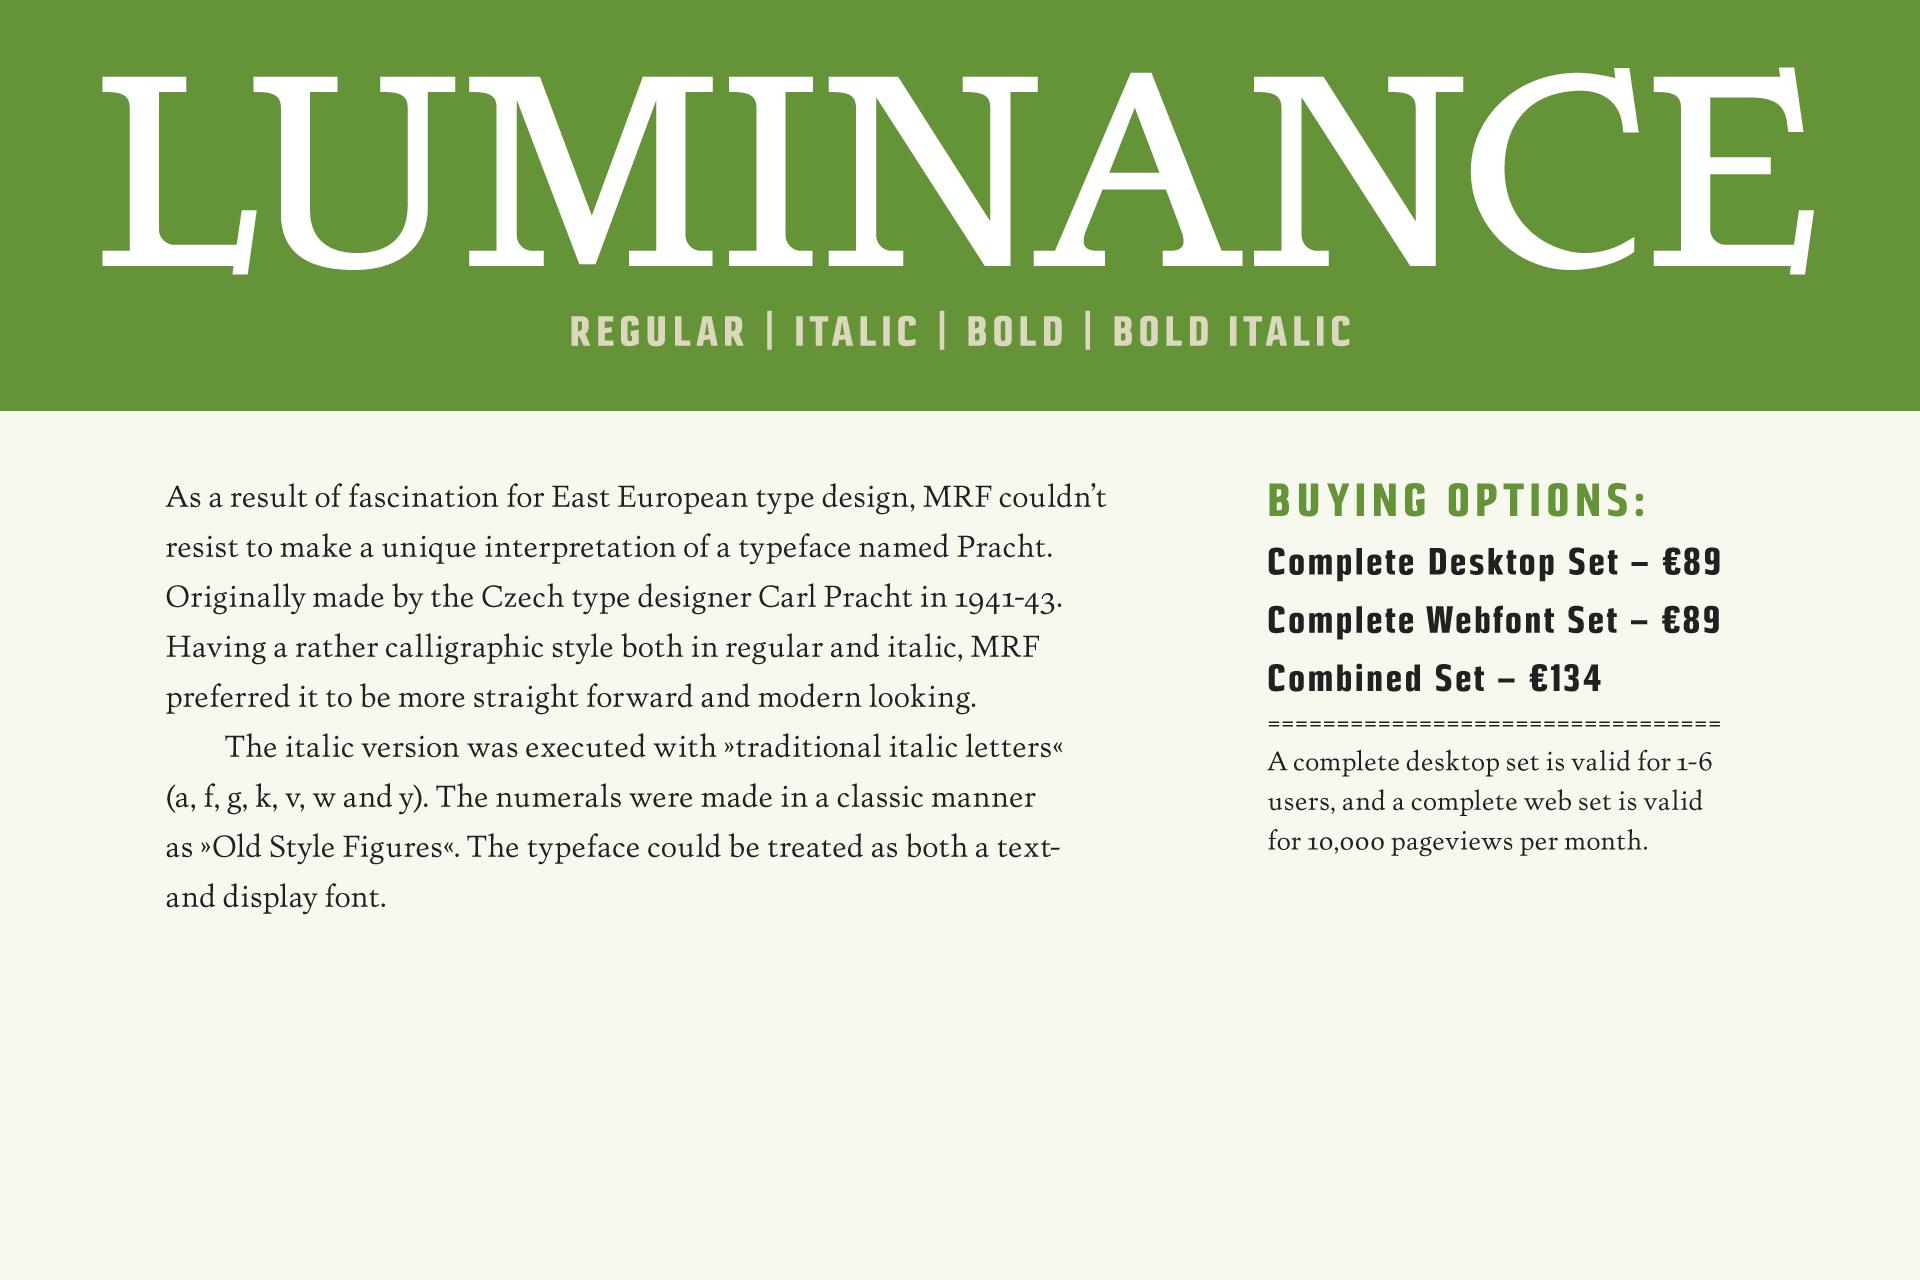 Luminance_PAGE-1